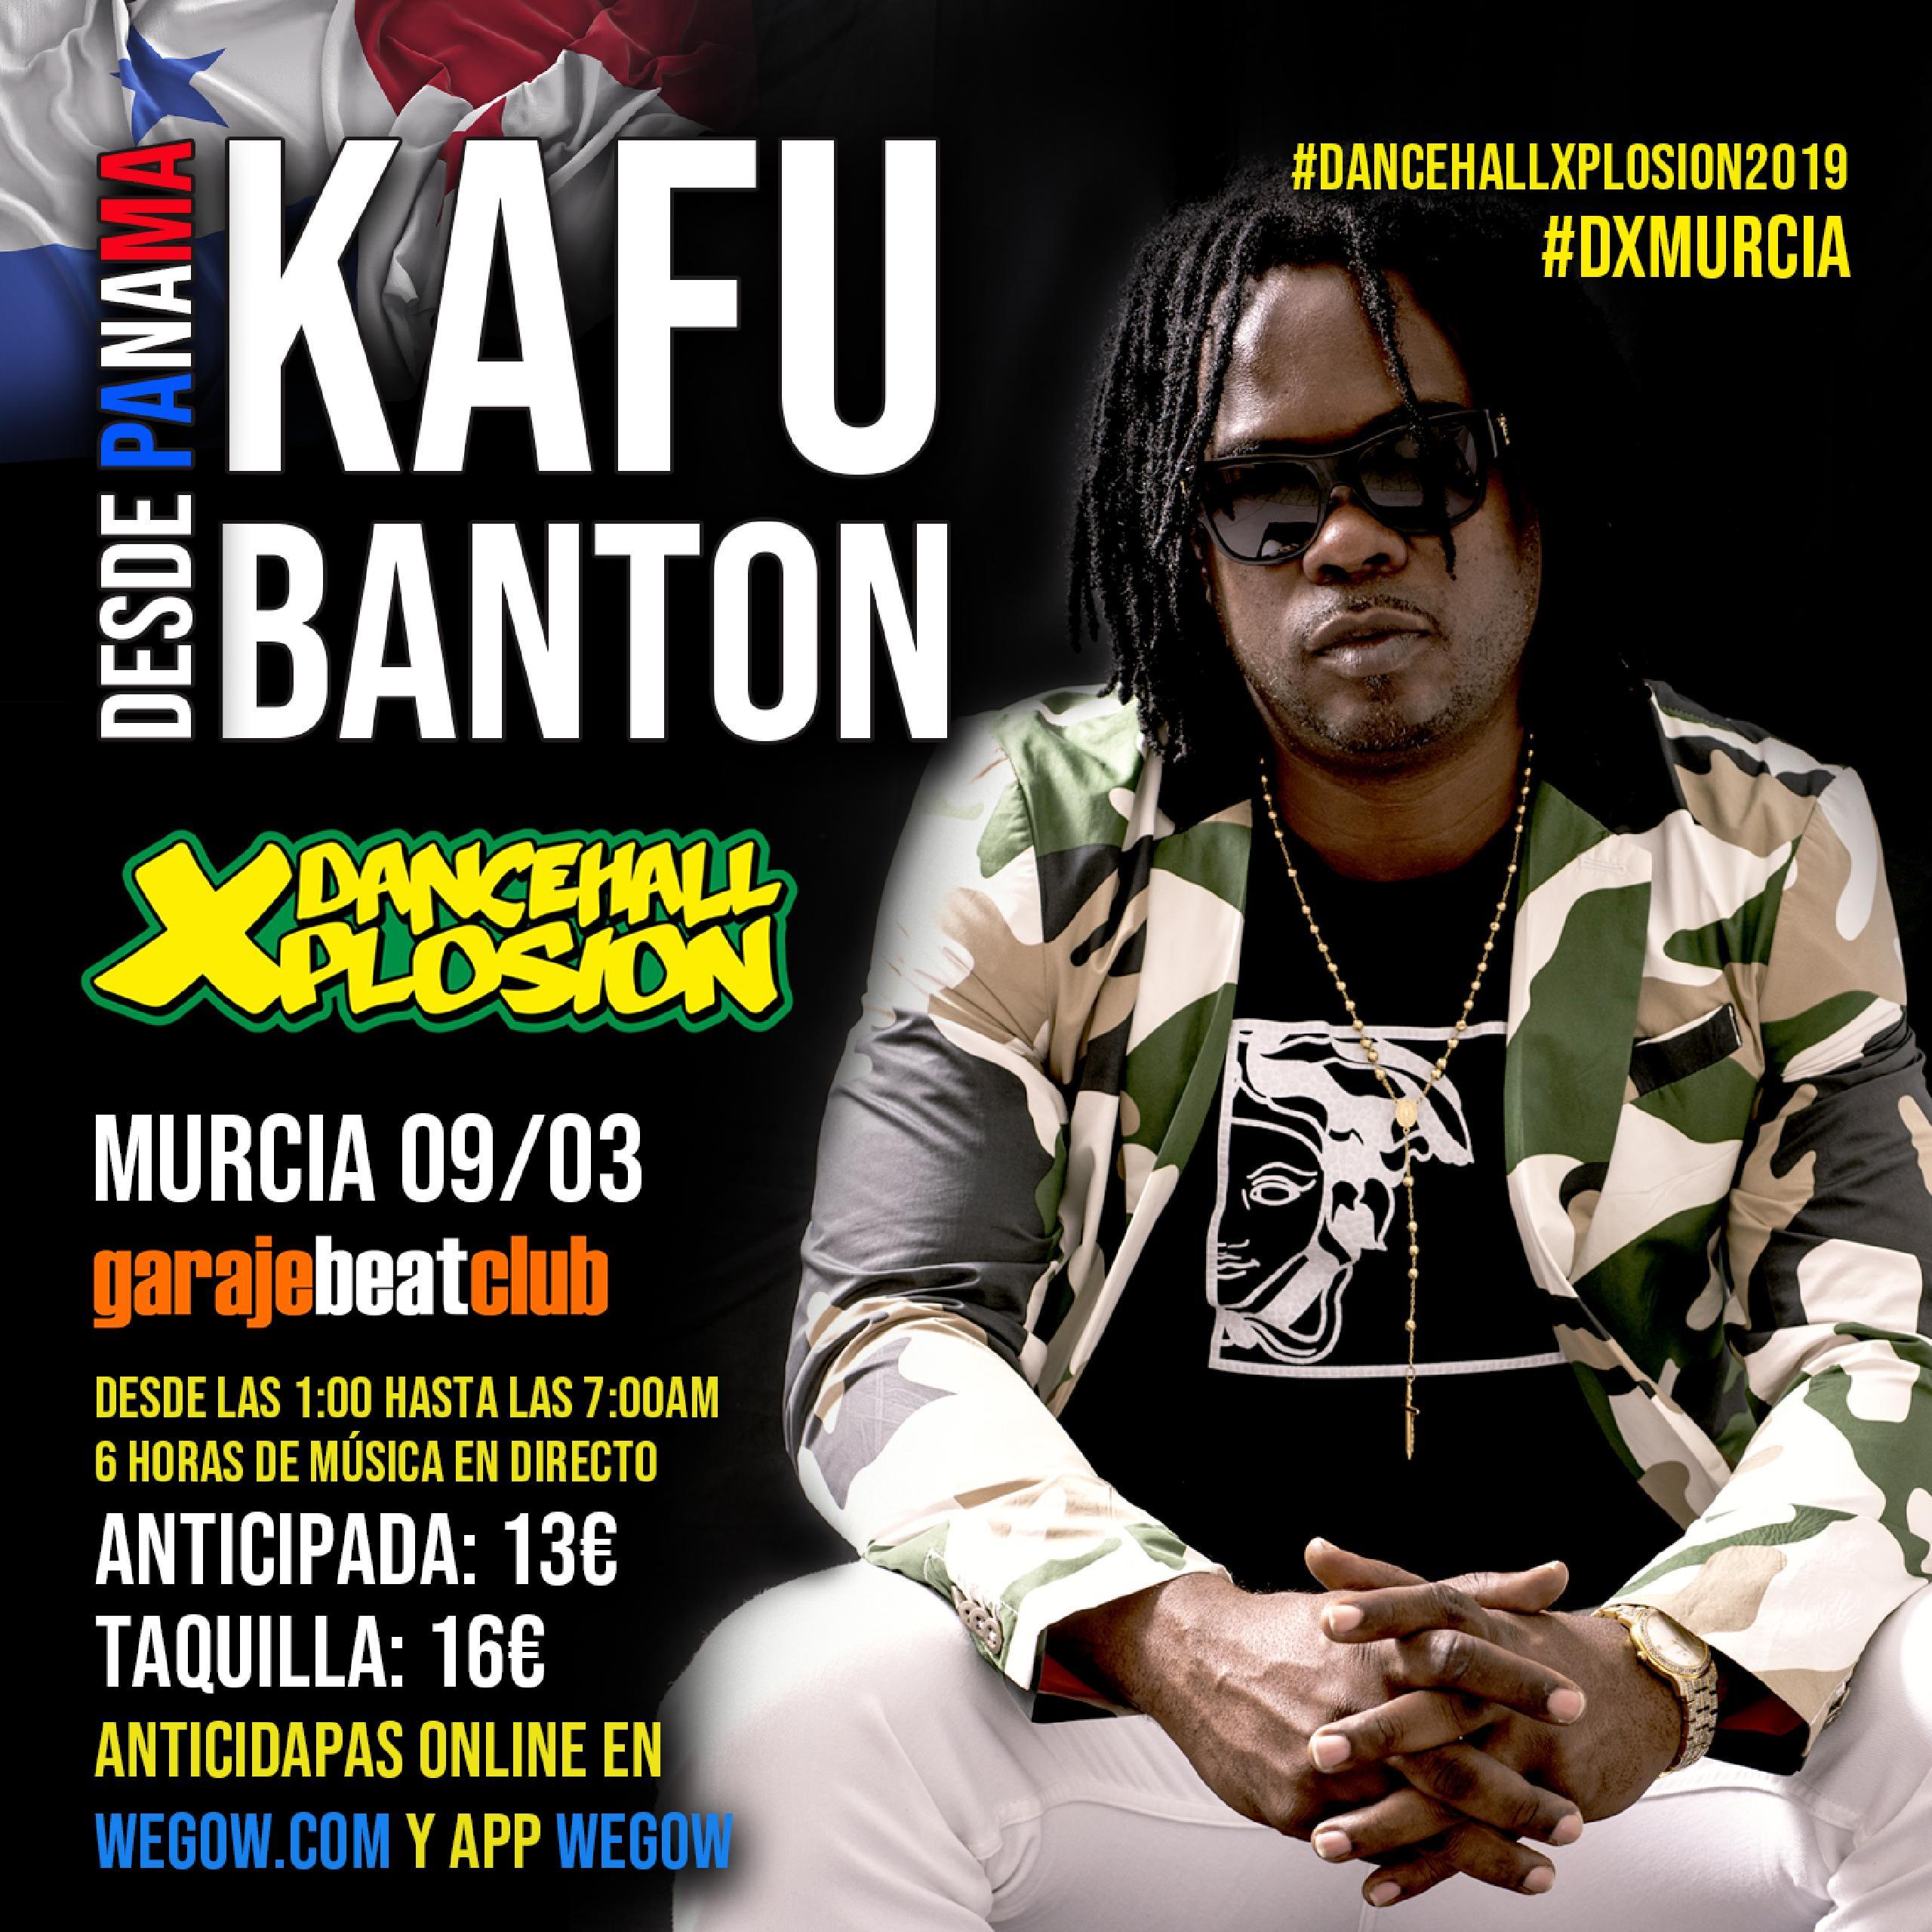 Kafu Banton vuelve a España para Dancehall Xplosion 2019 en Murcia